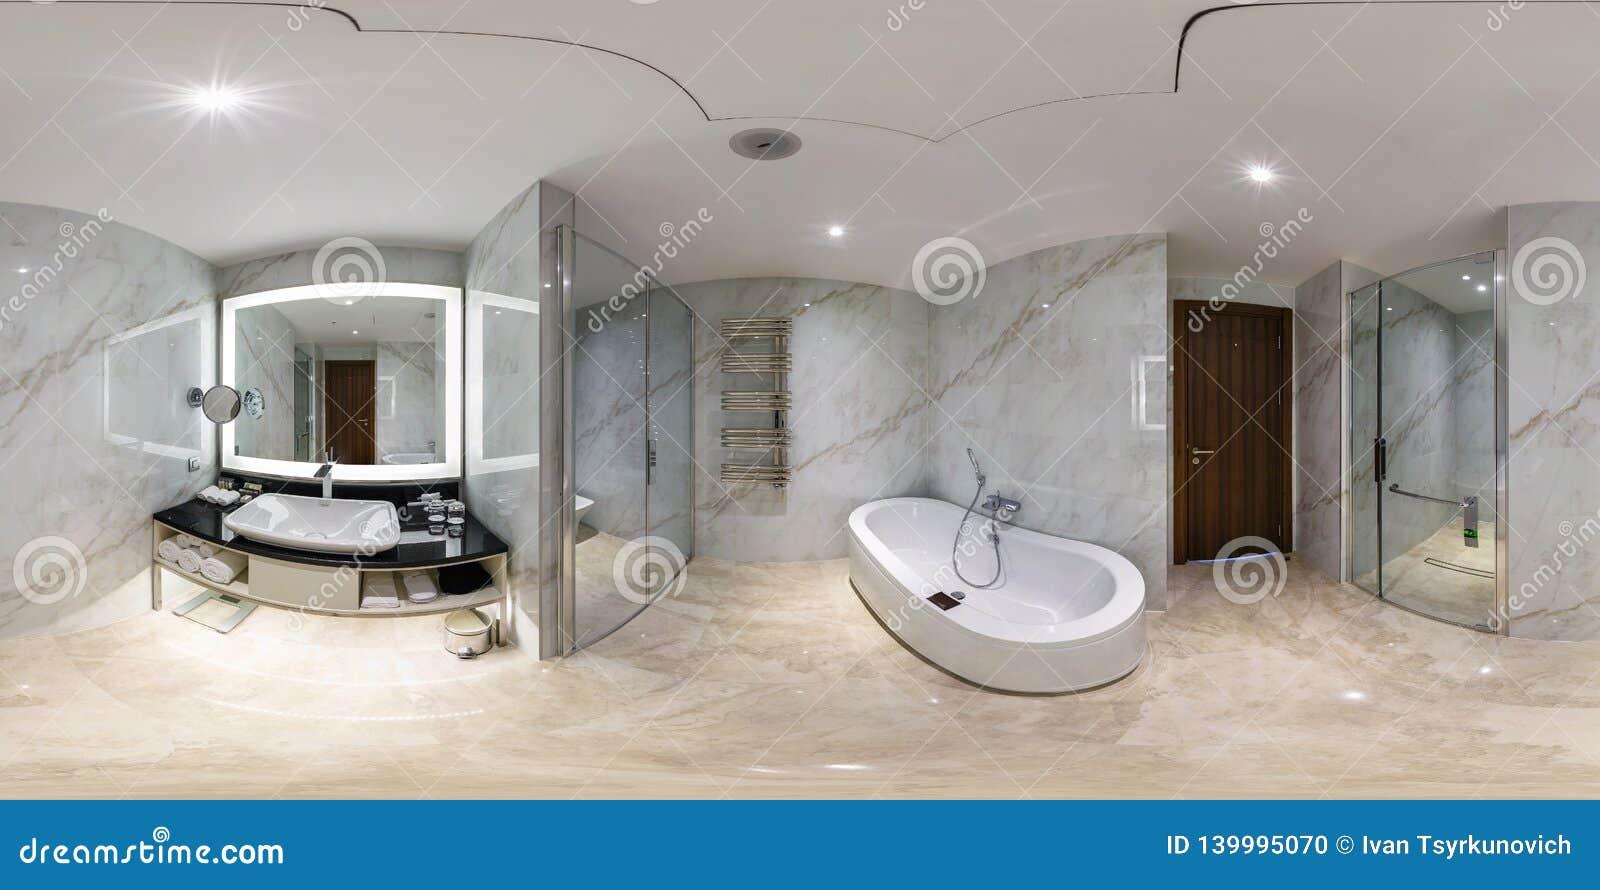 米斯克,白俄罗斯- 2017年5月:充分的球状全景360度角度图在现代平的公寓的内部卫生间里